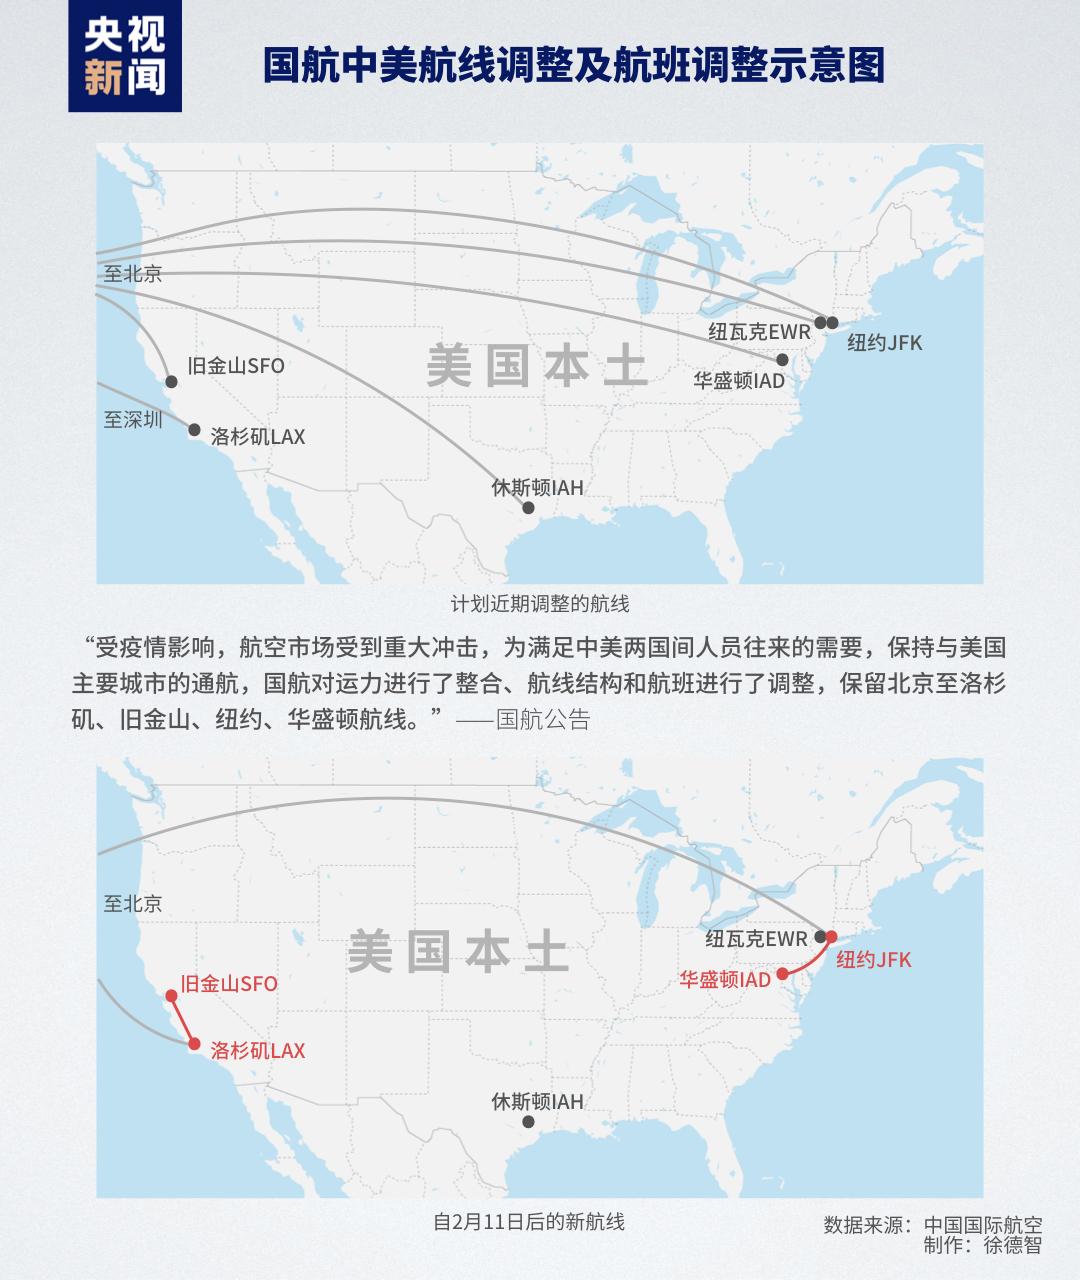 国航调整中美航线结构及航班:保留北京至洛杉矶、纽约等航线